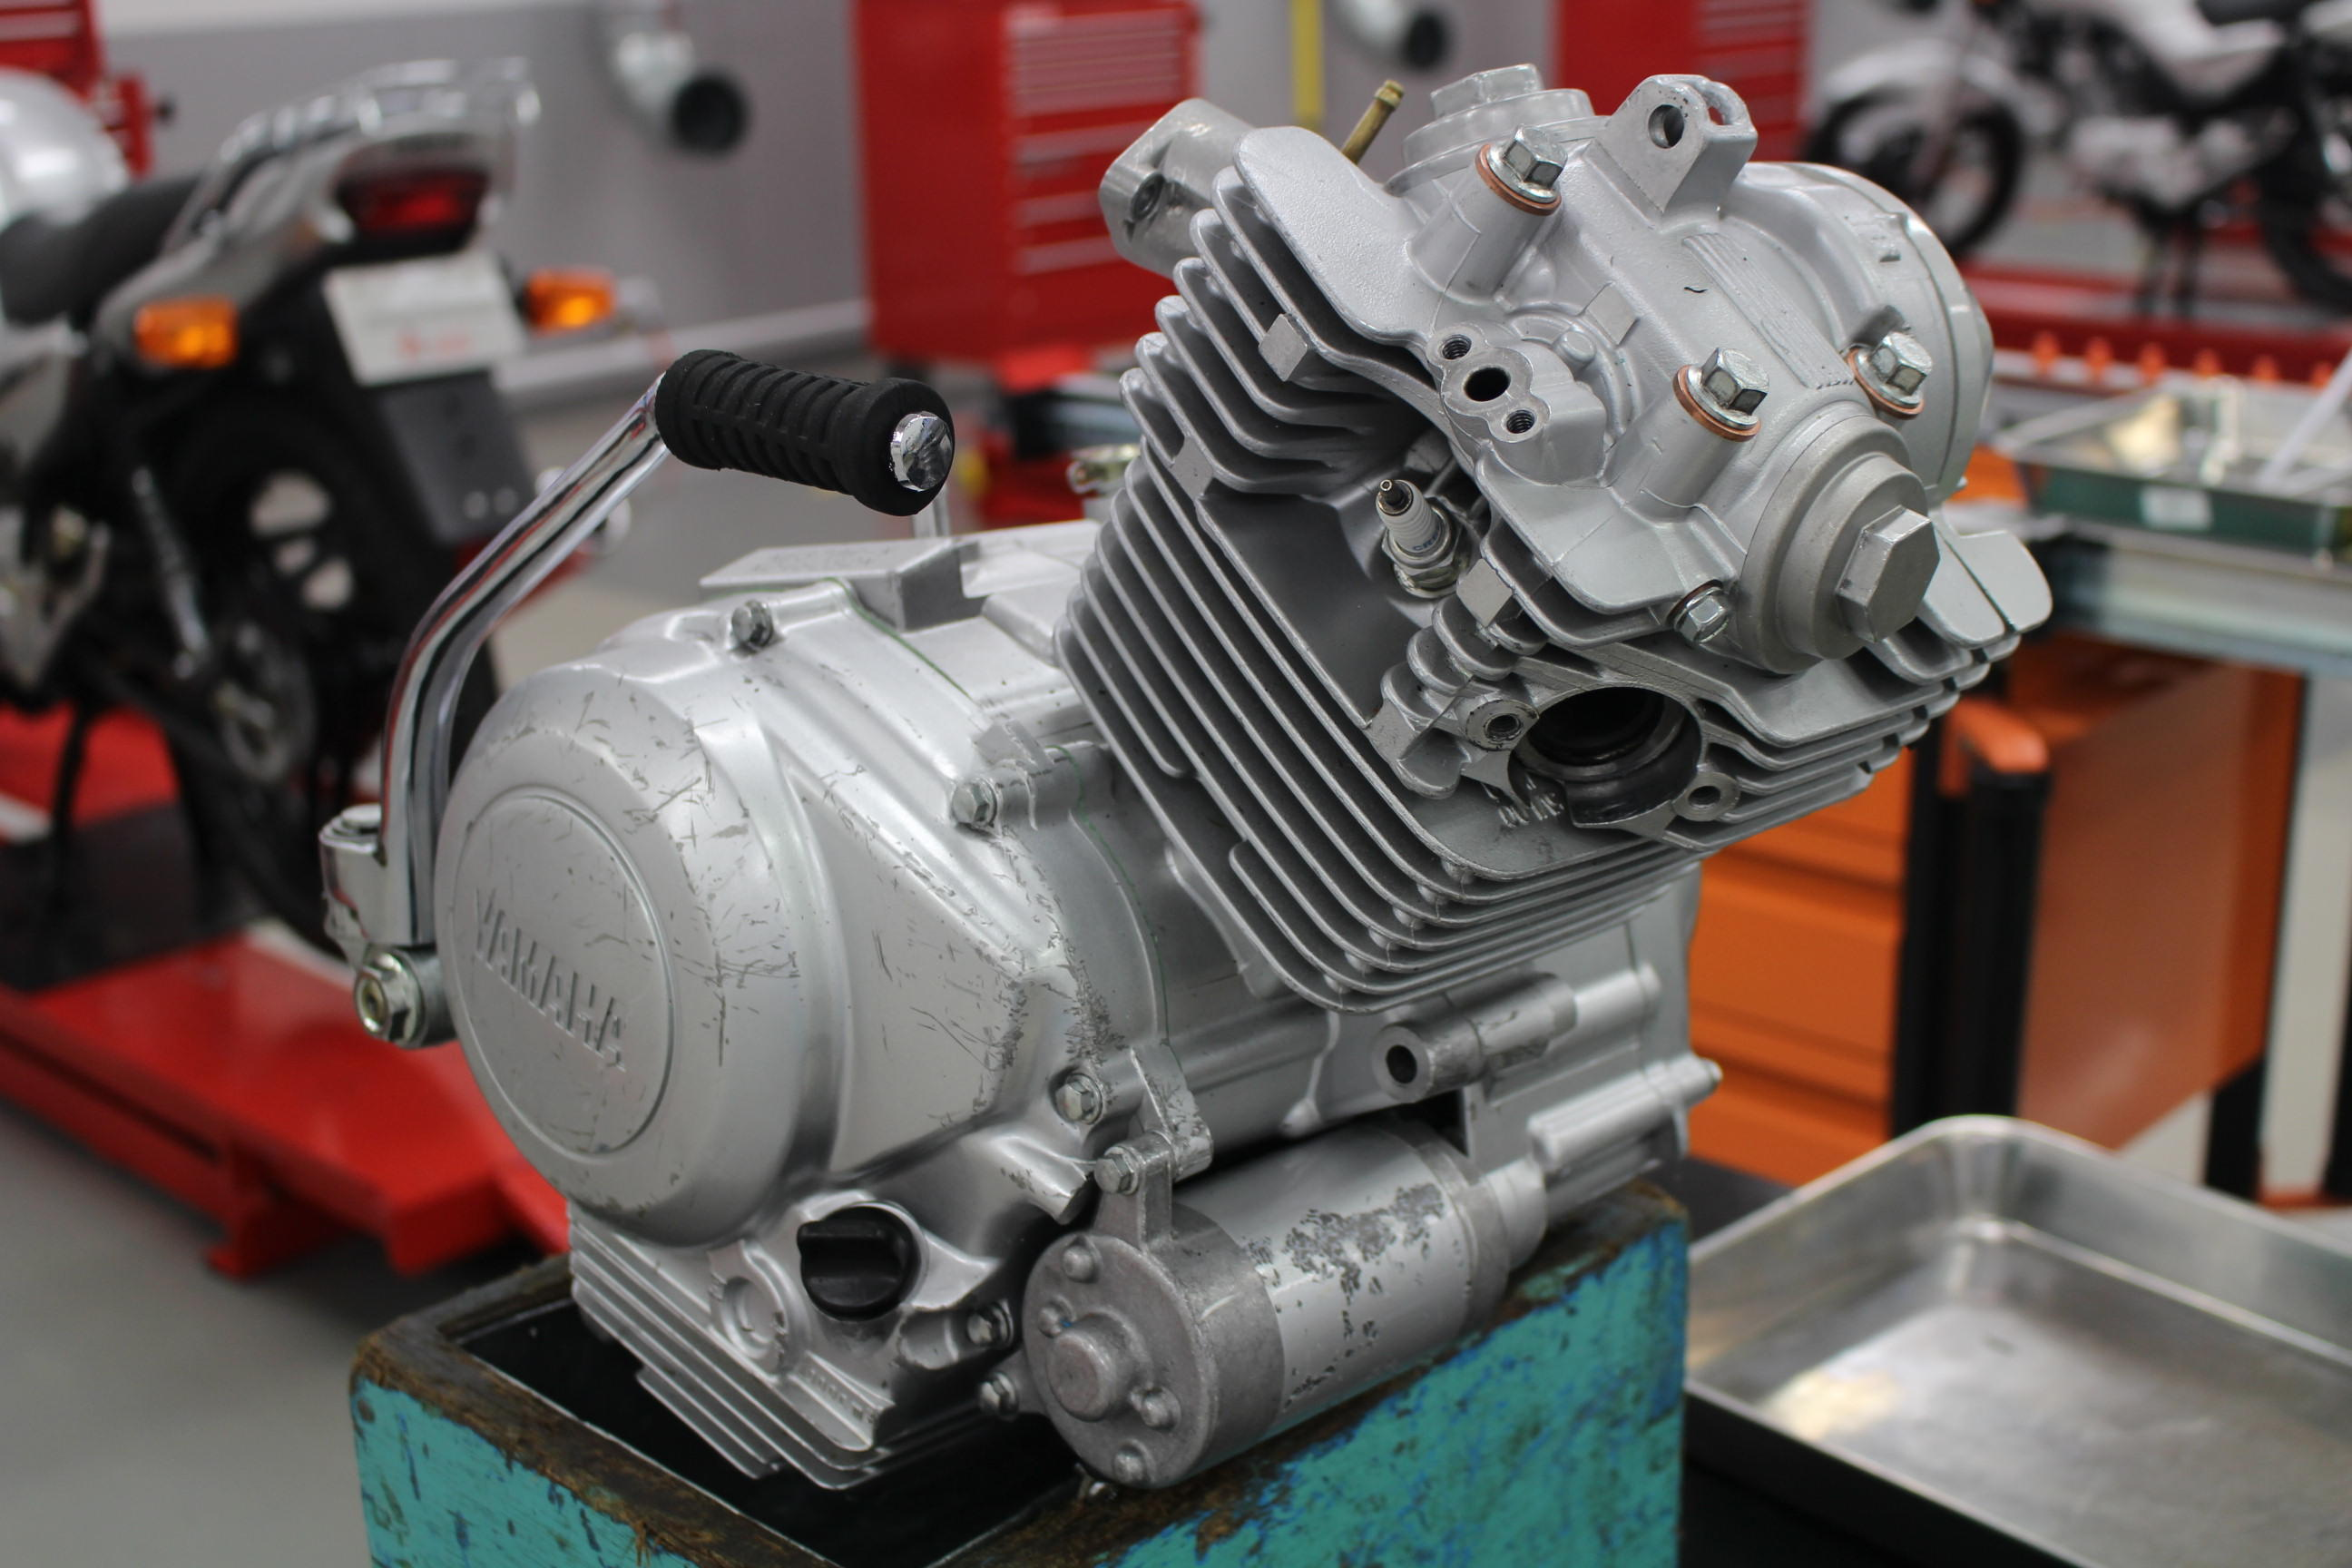 今日使うのは、このエンジン。YBR125・単気筒・SOHCのシンプルな構造のエンジン。